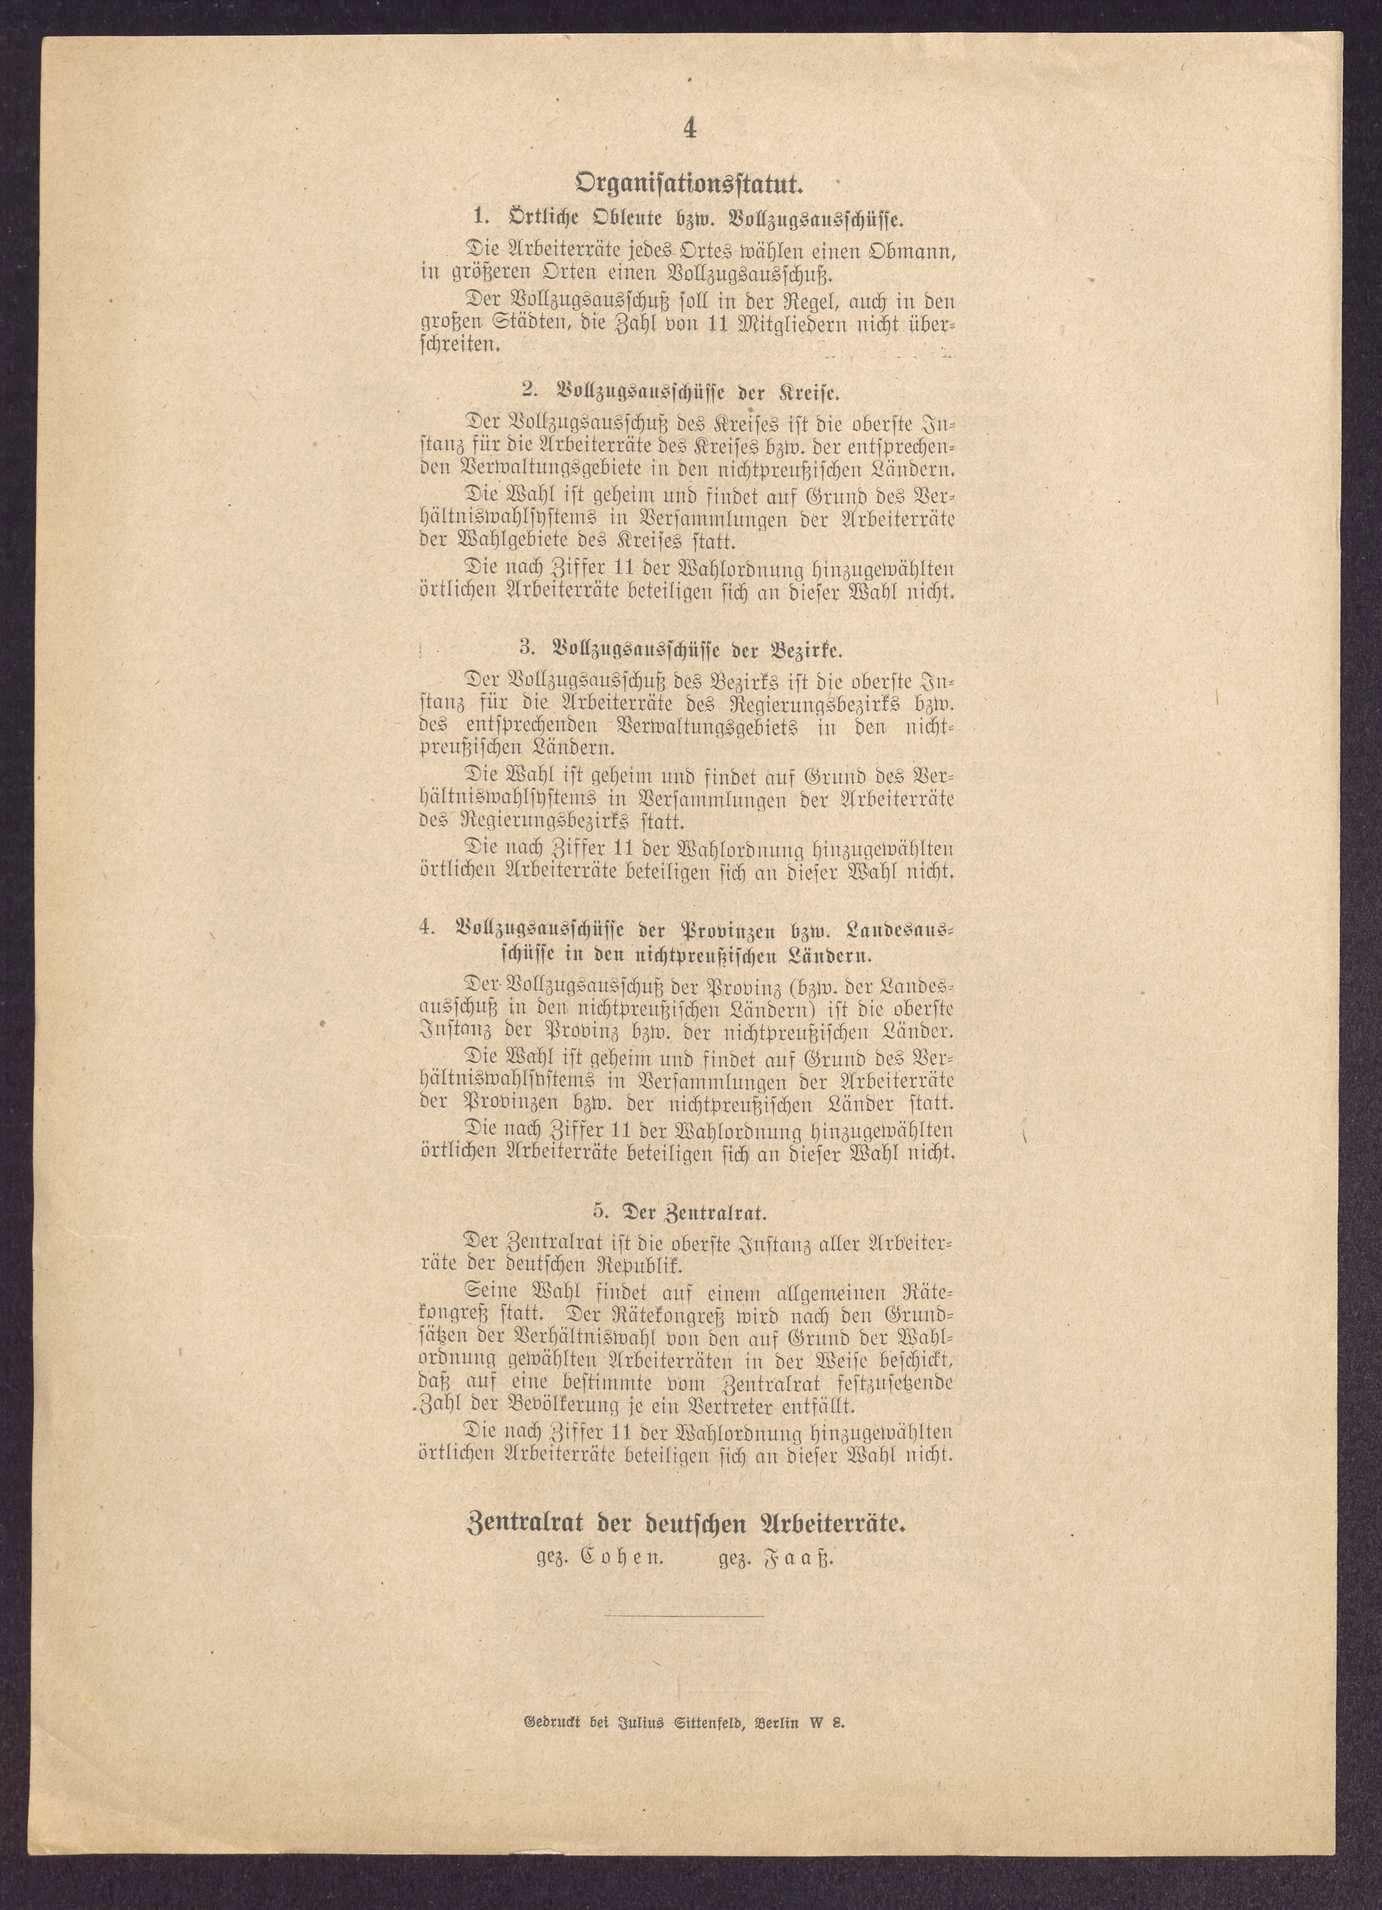 Wahlordnung und Organisationsstatut des Zentralrats der deutschen Arbeiterräte, Bild 3